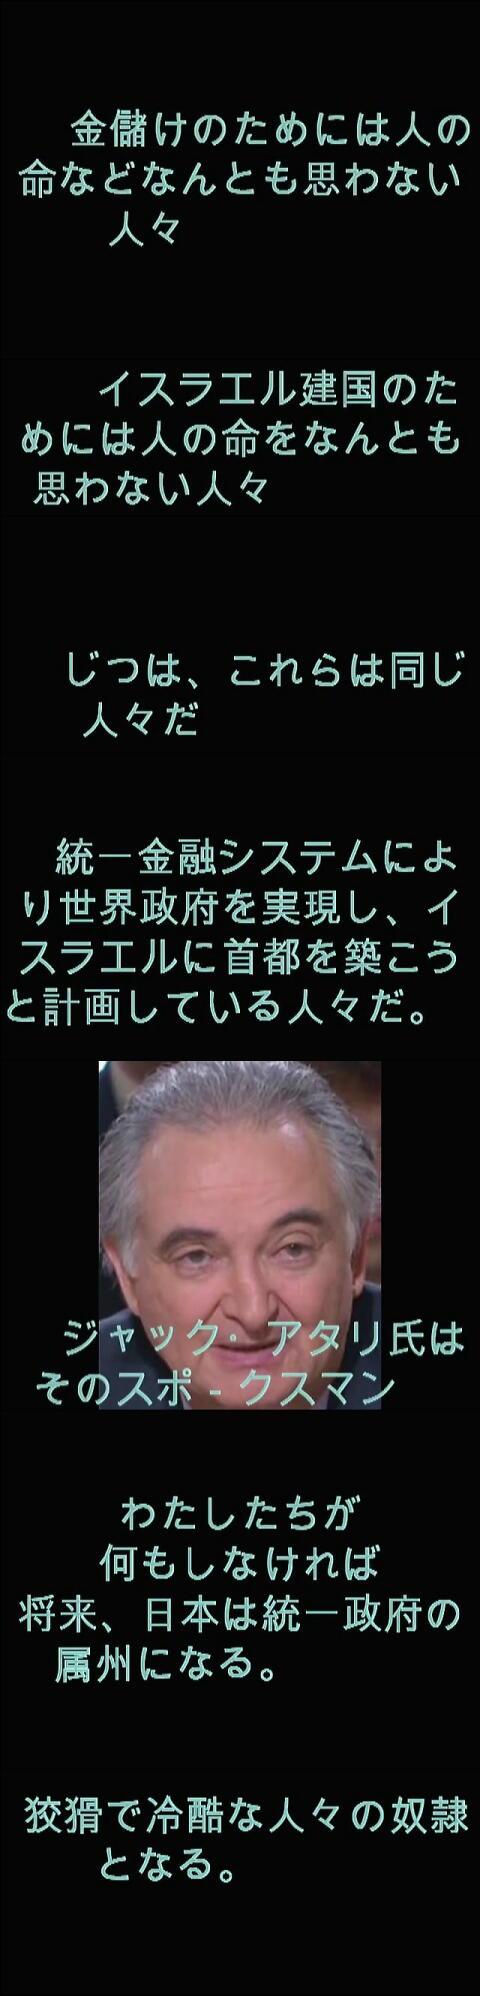 20111127-5.jpg